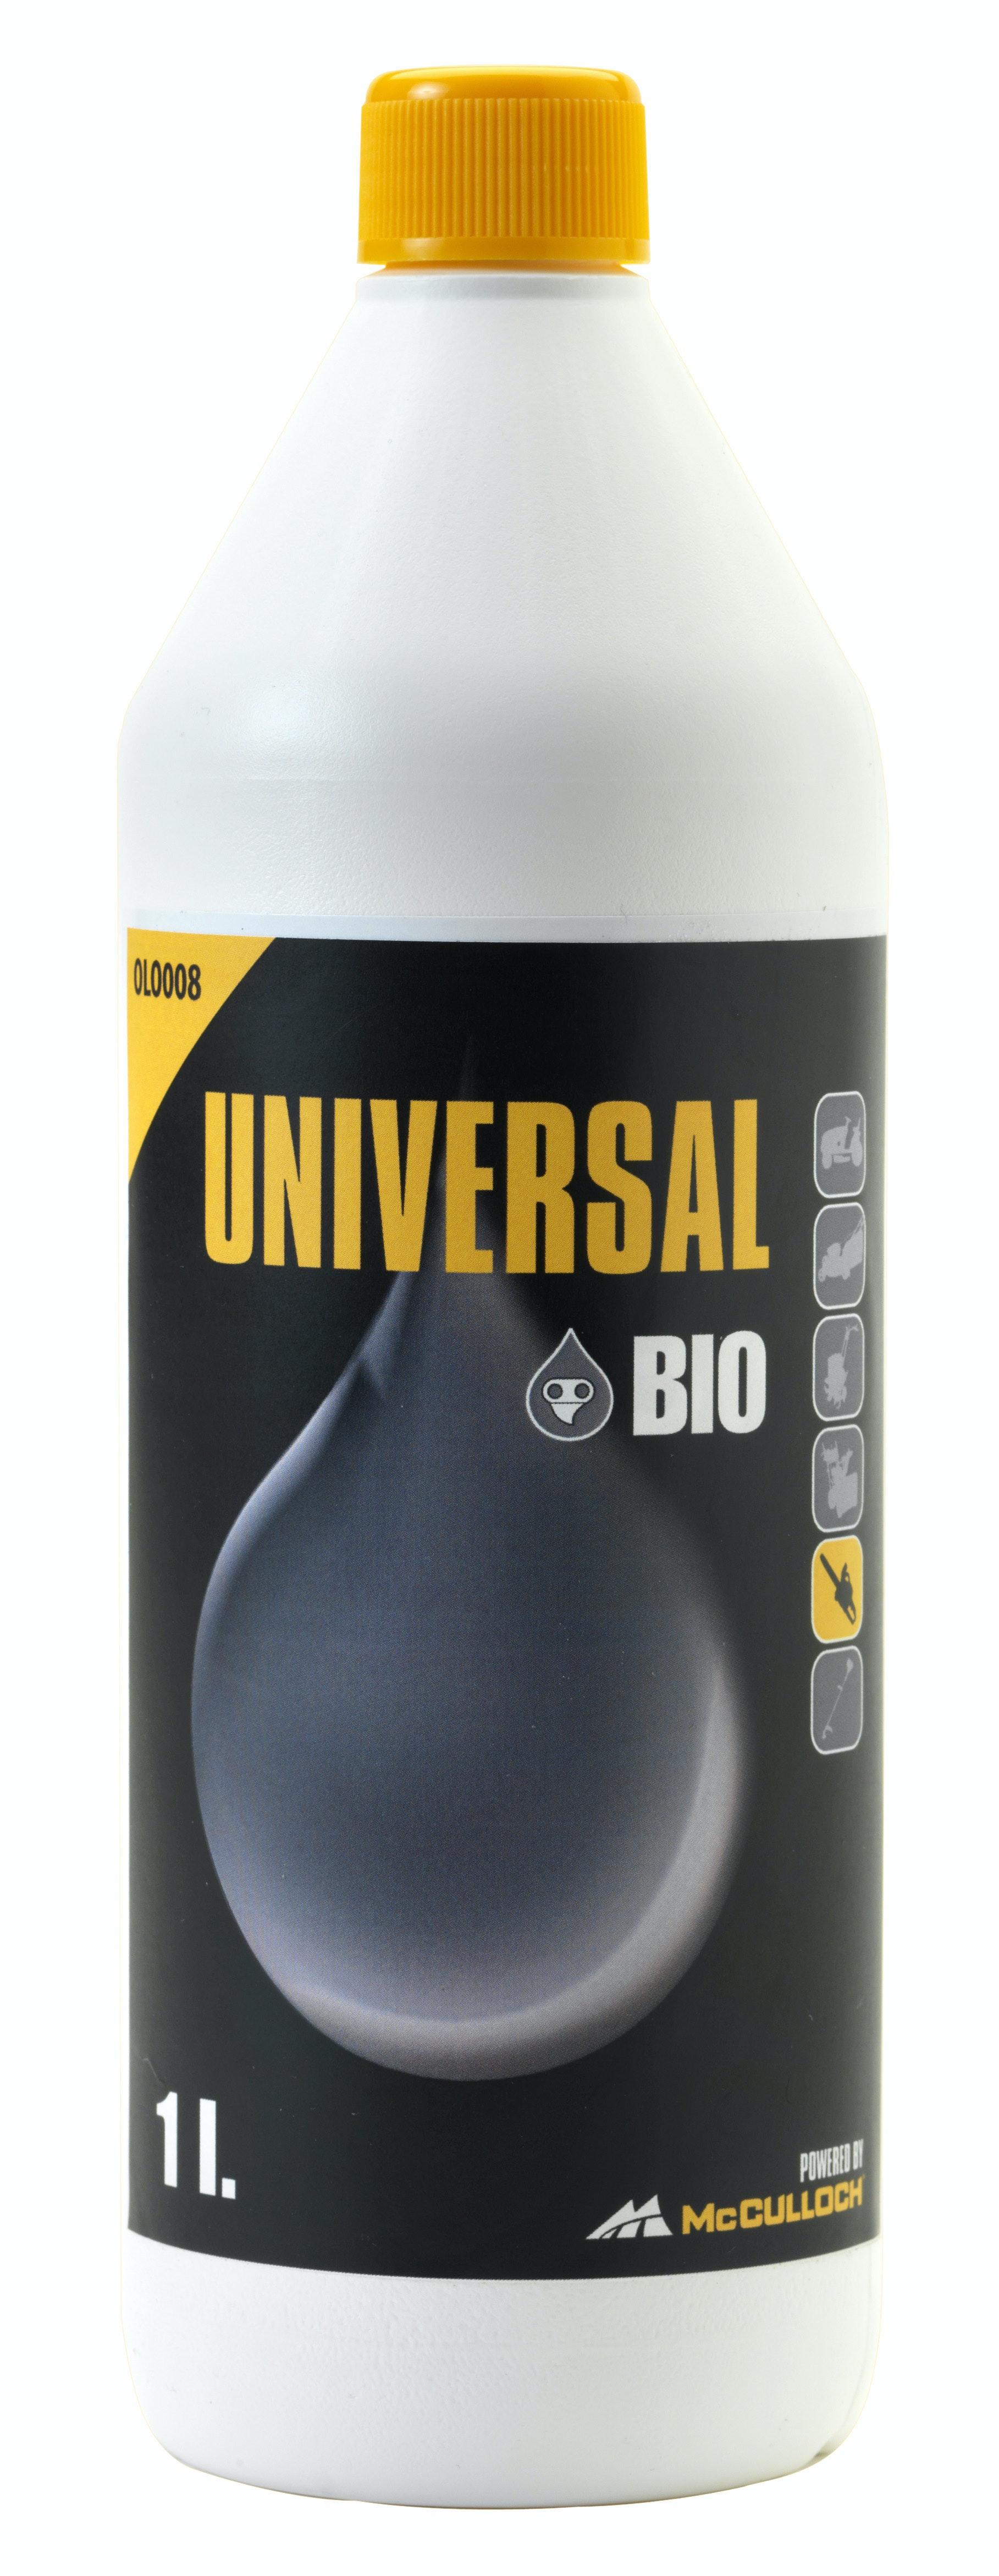 Sågkedjeolja Universal Bio 1L